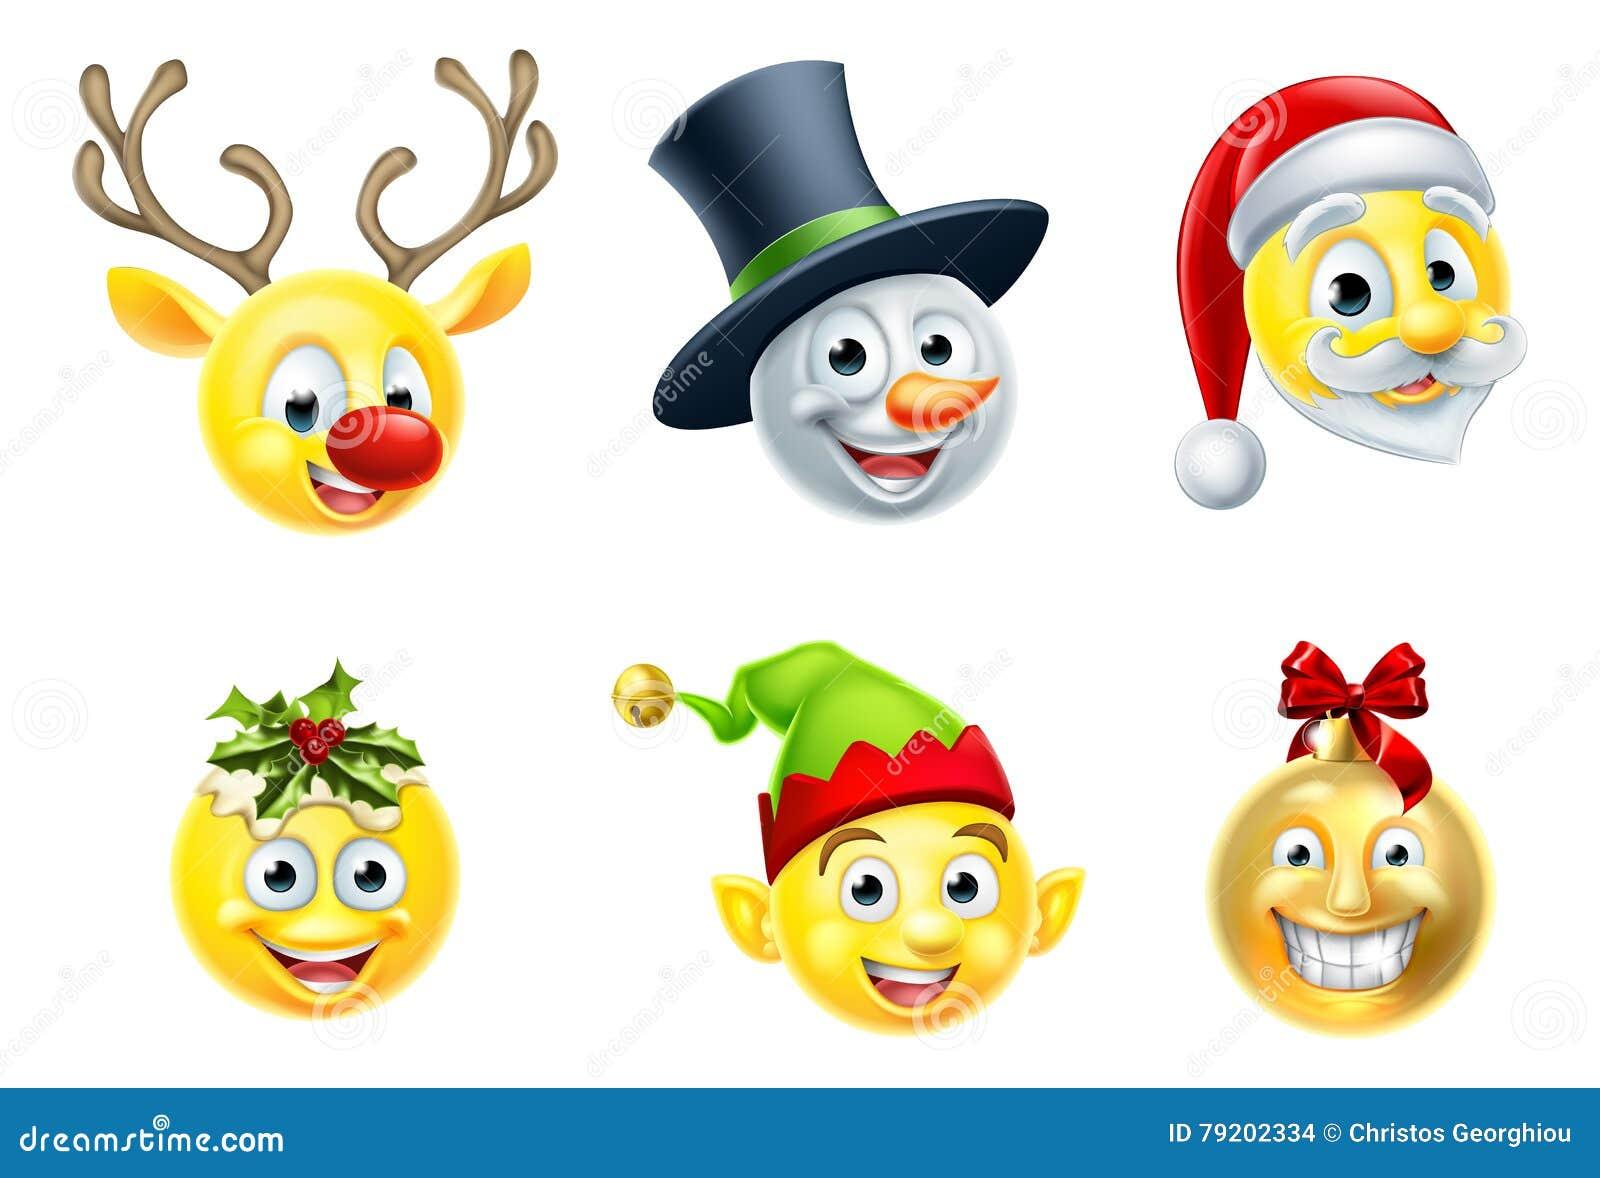 Weihnachten-Emoji-Satz vektor abbildung. Illustration von zeichen ...